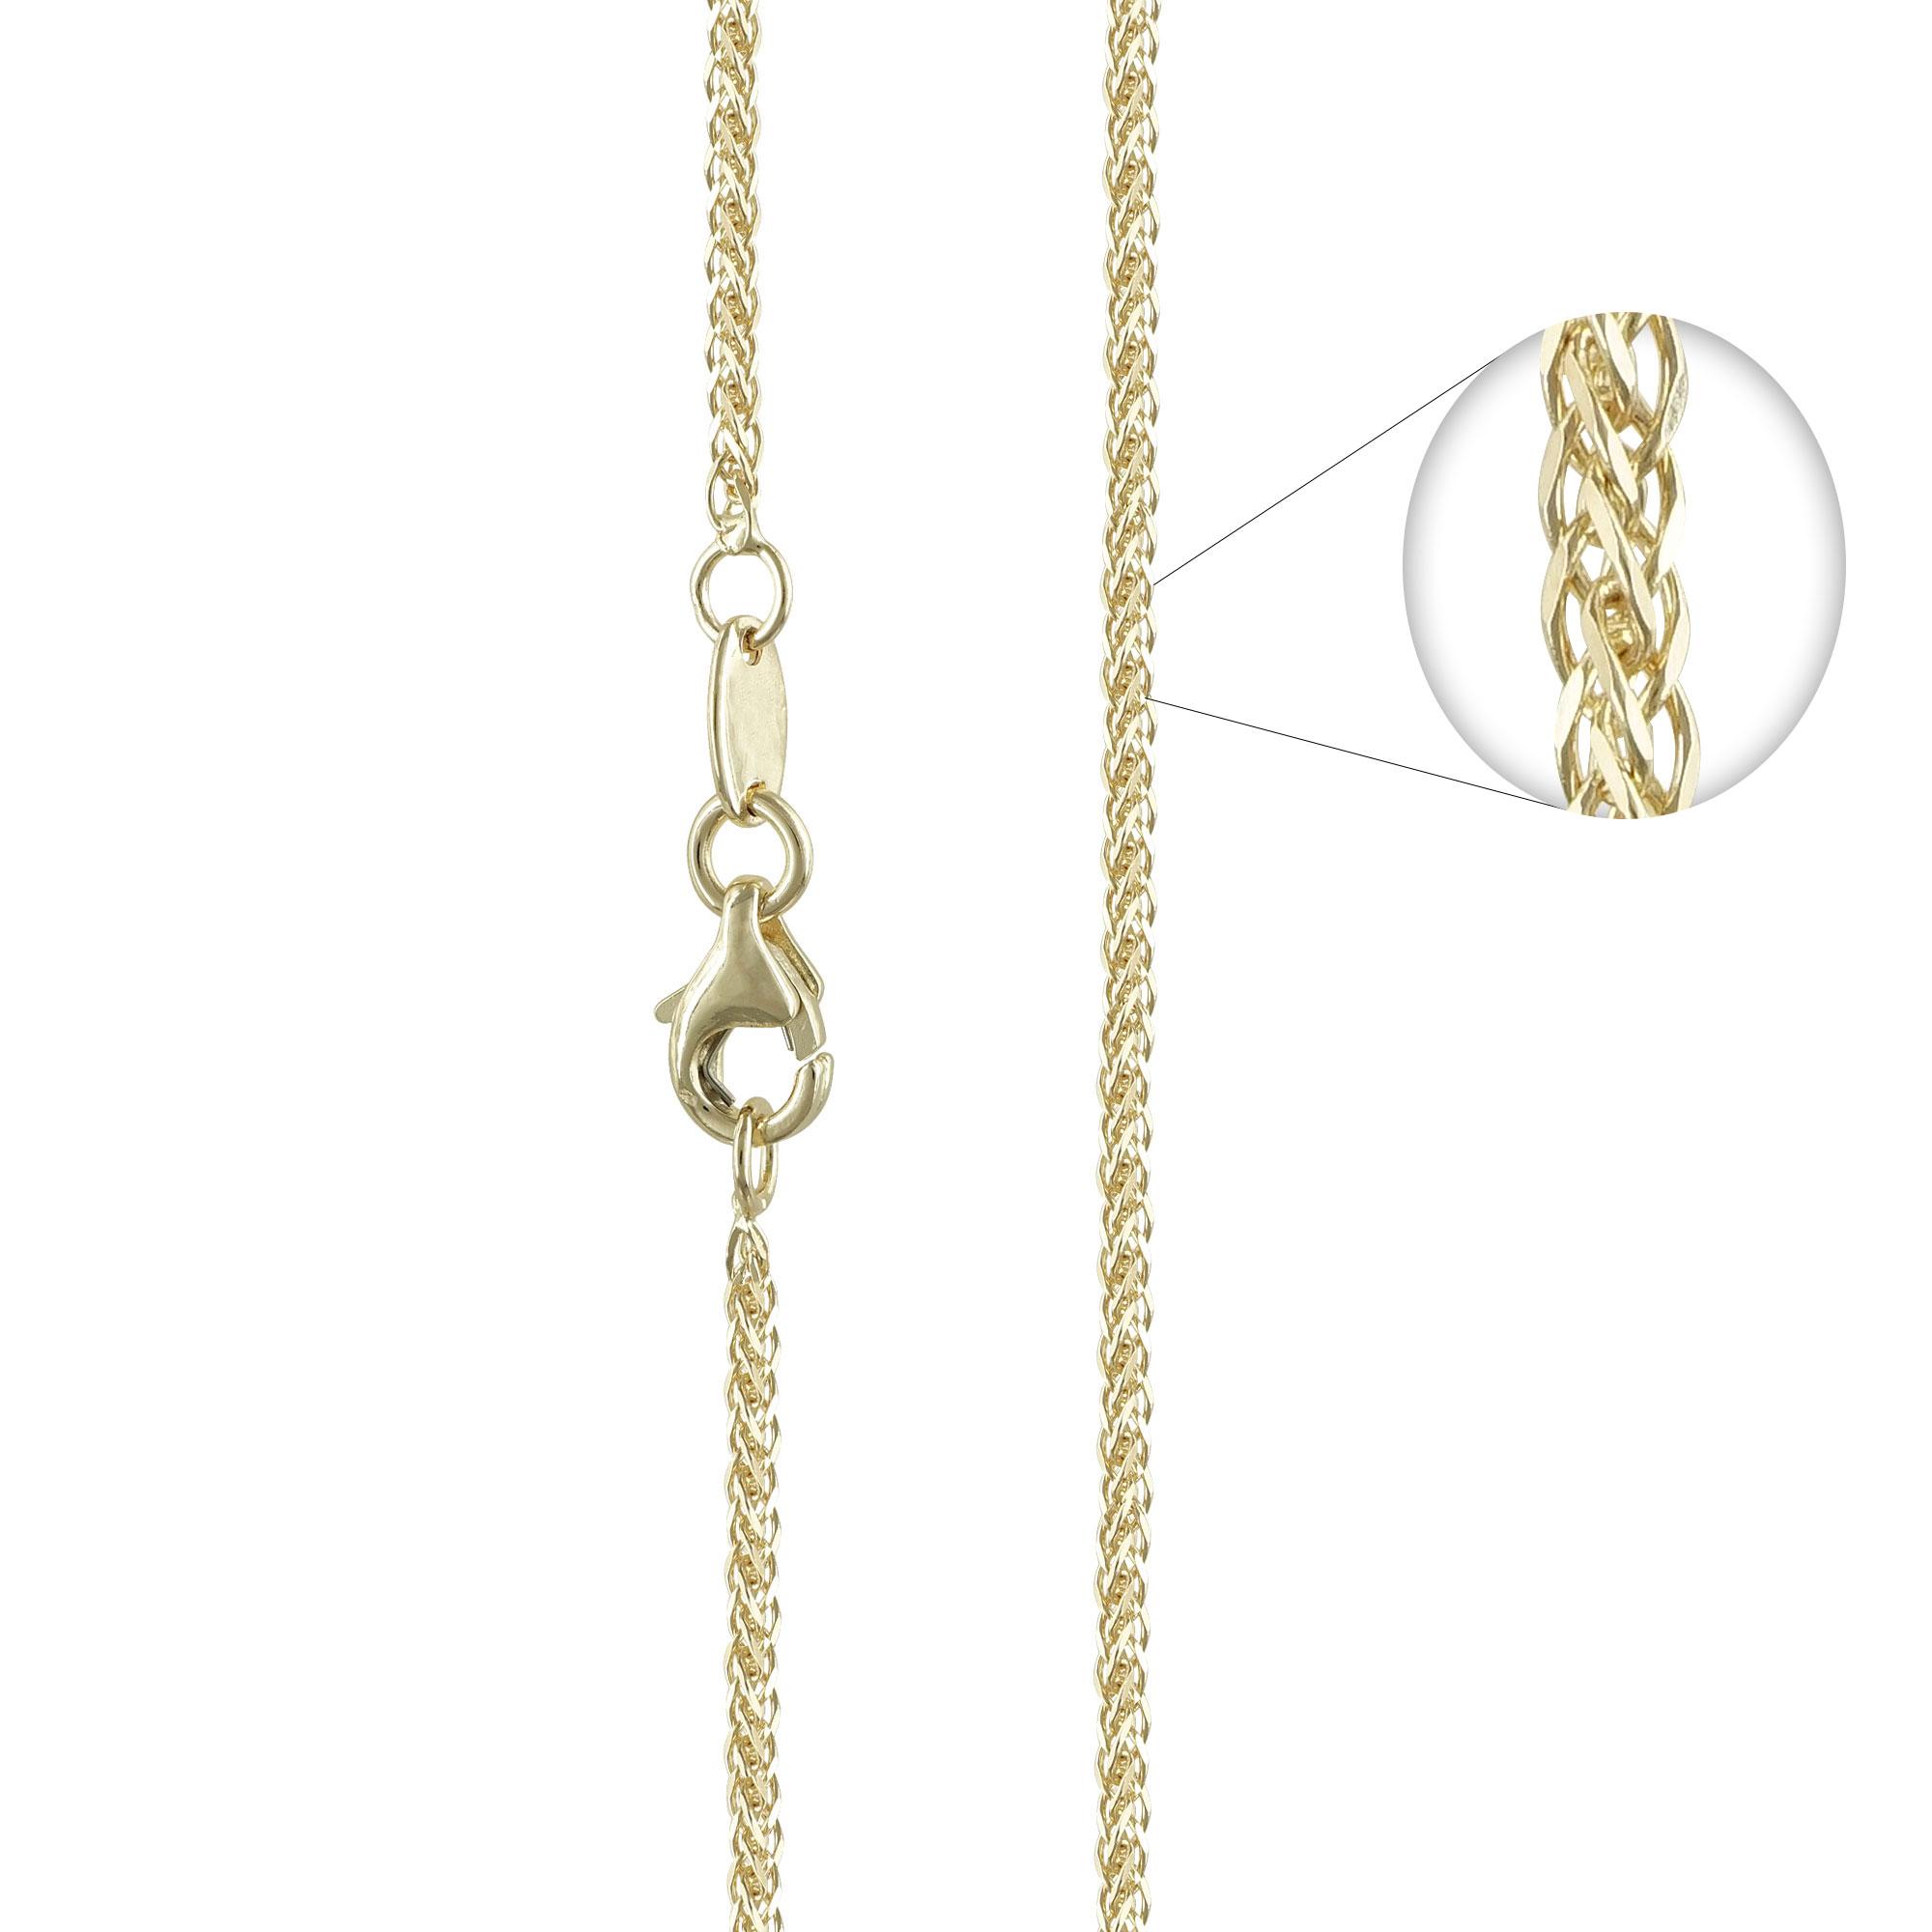 Κίτρινη Χρυσή Αλυσίδα Σπίγγα #3 AL112 k14 50cm